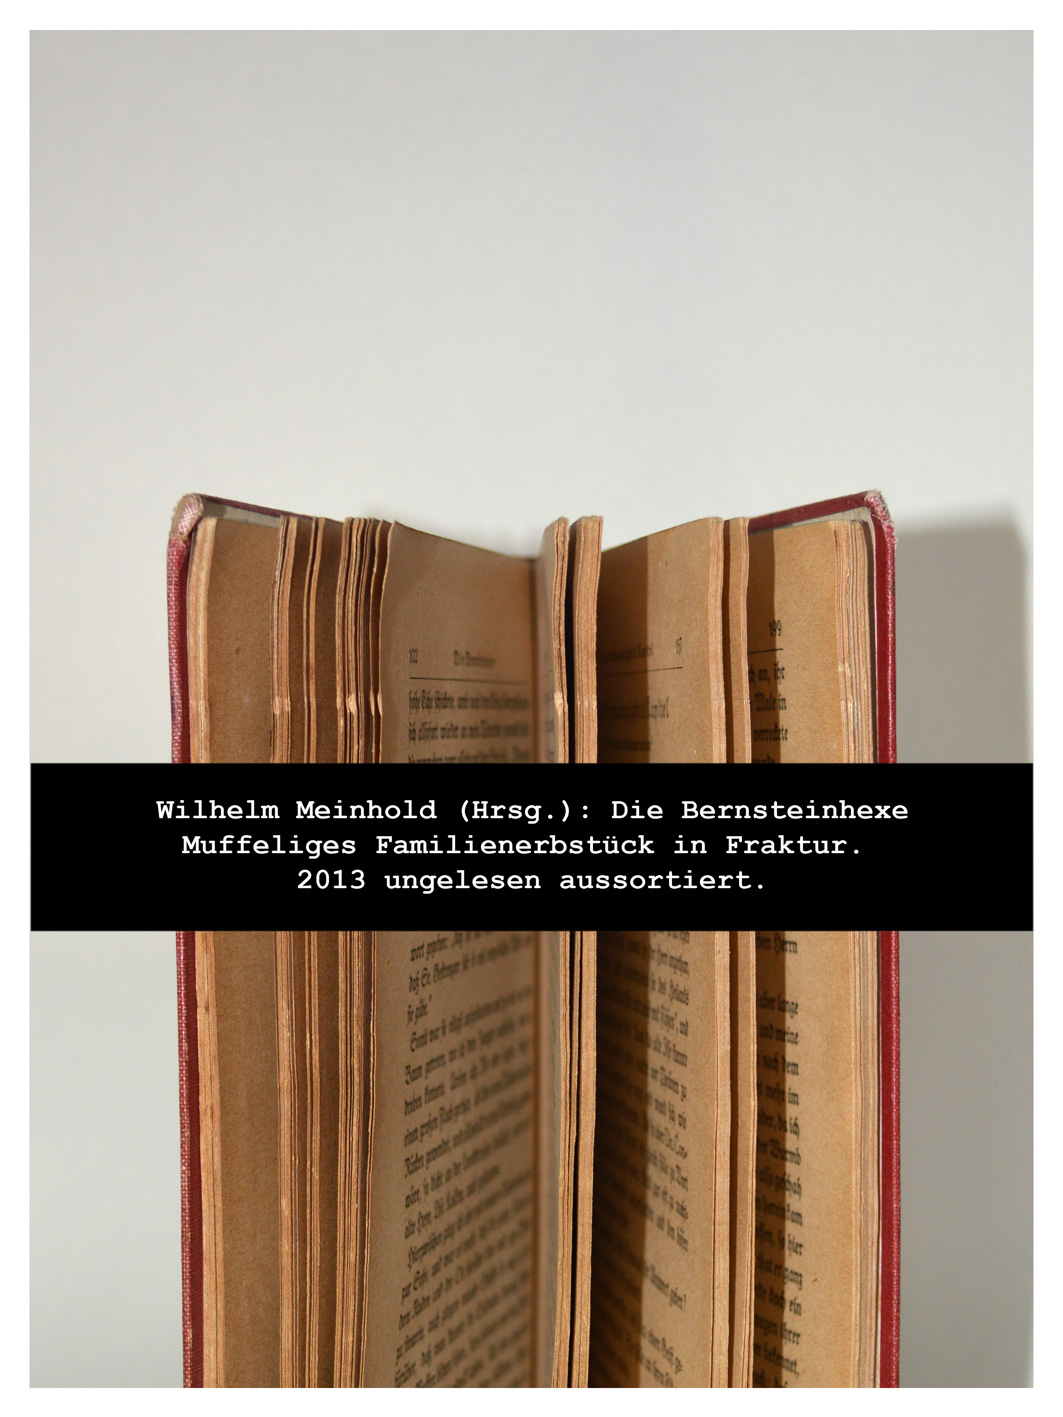 Mugshot von einem alten Buch